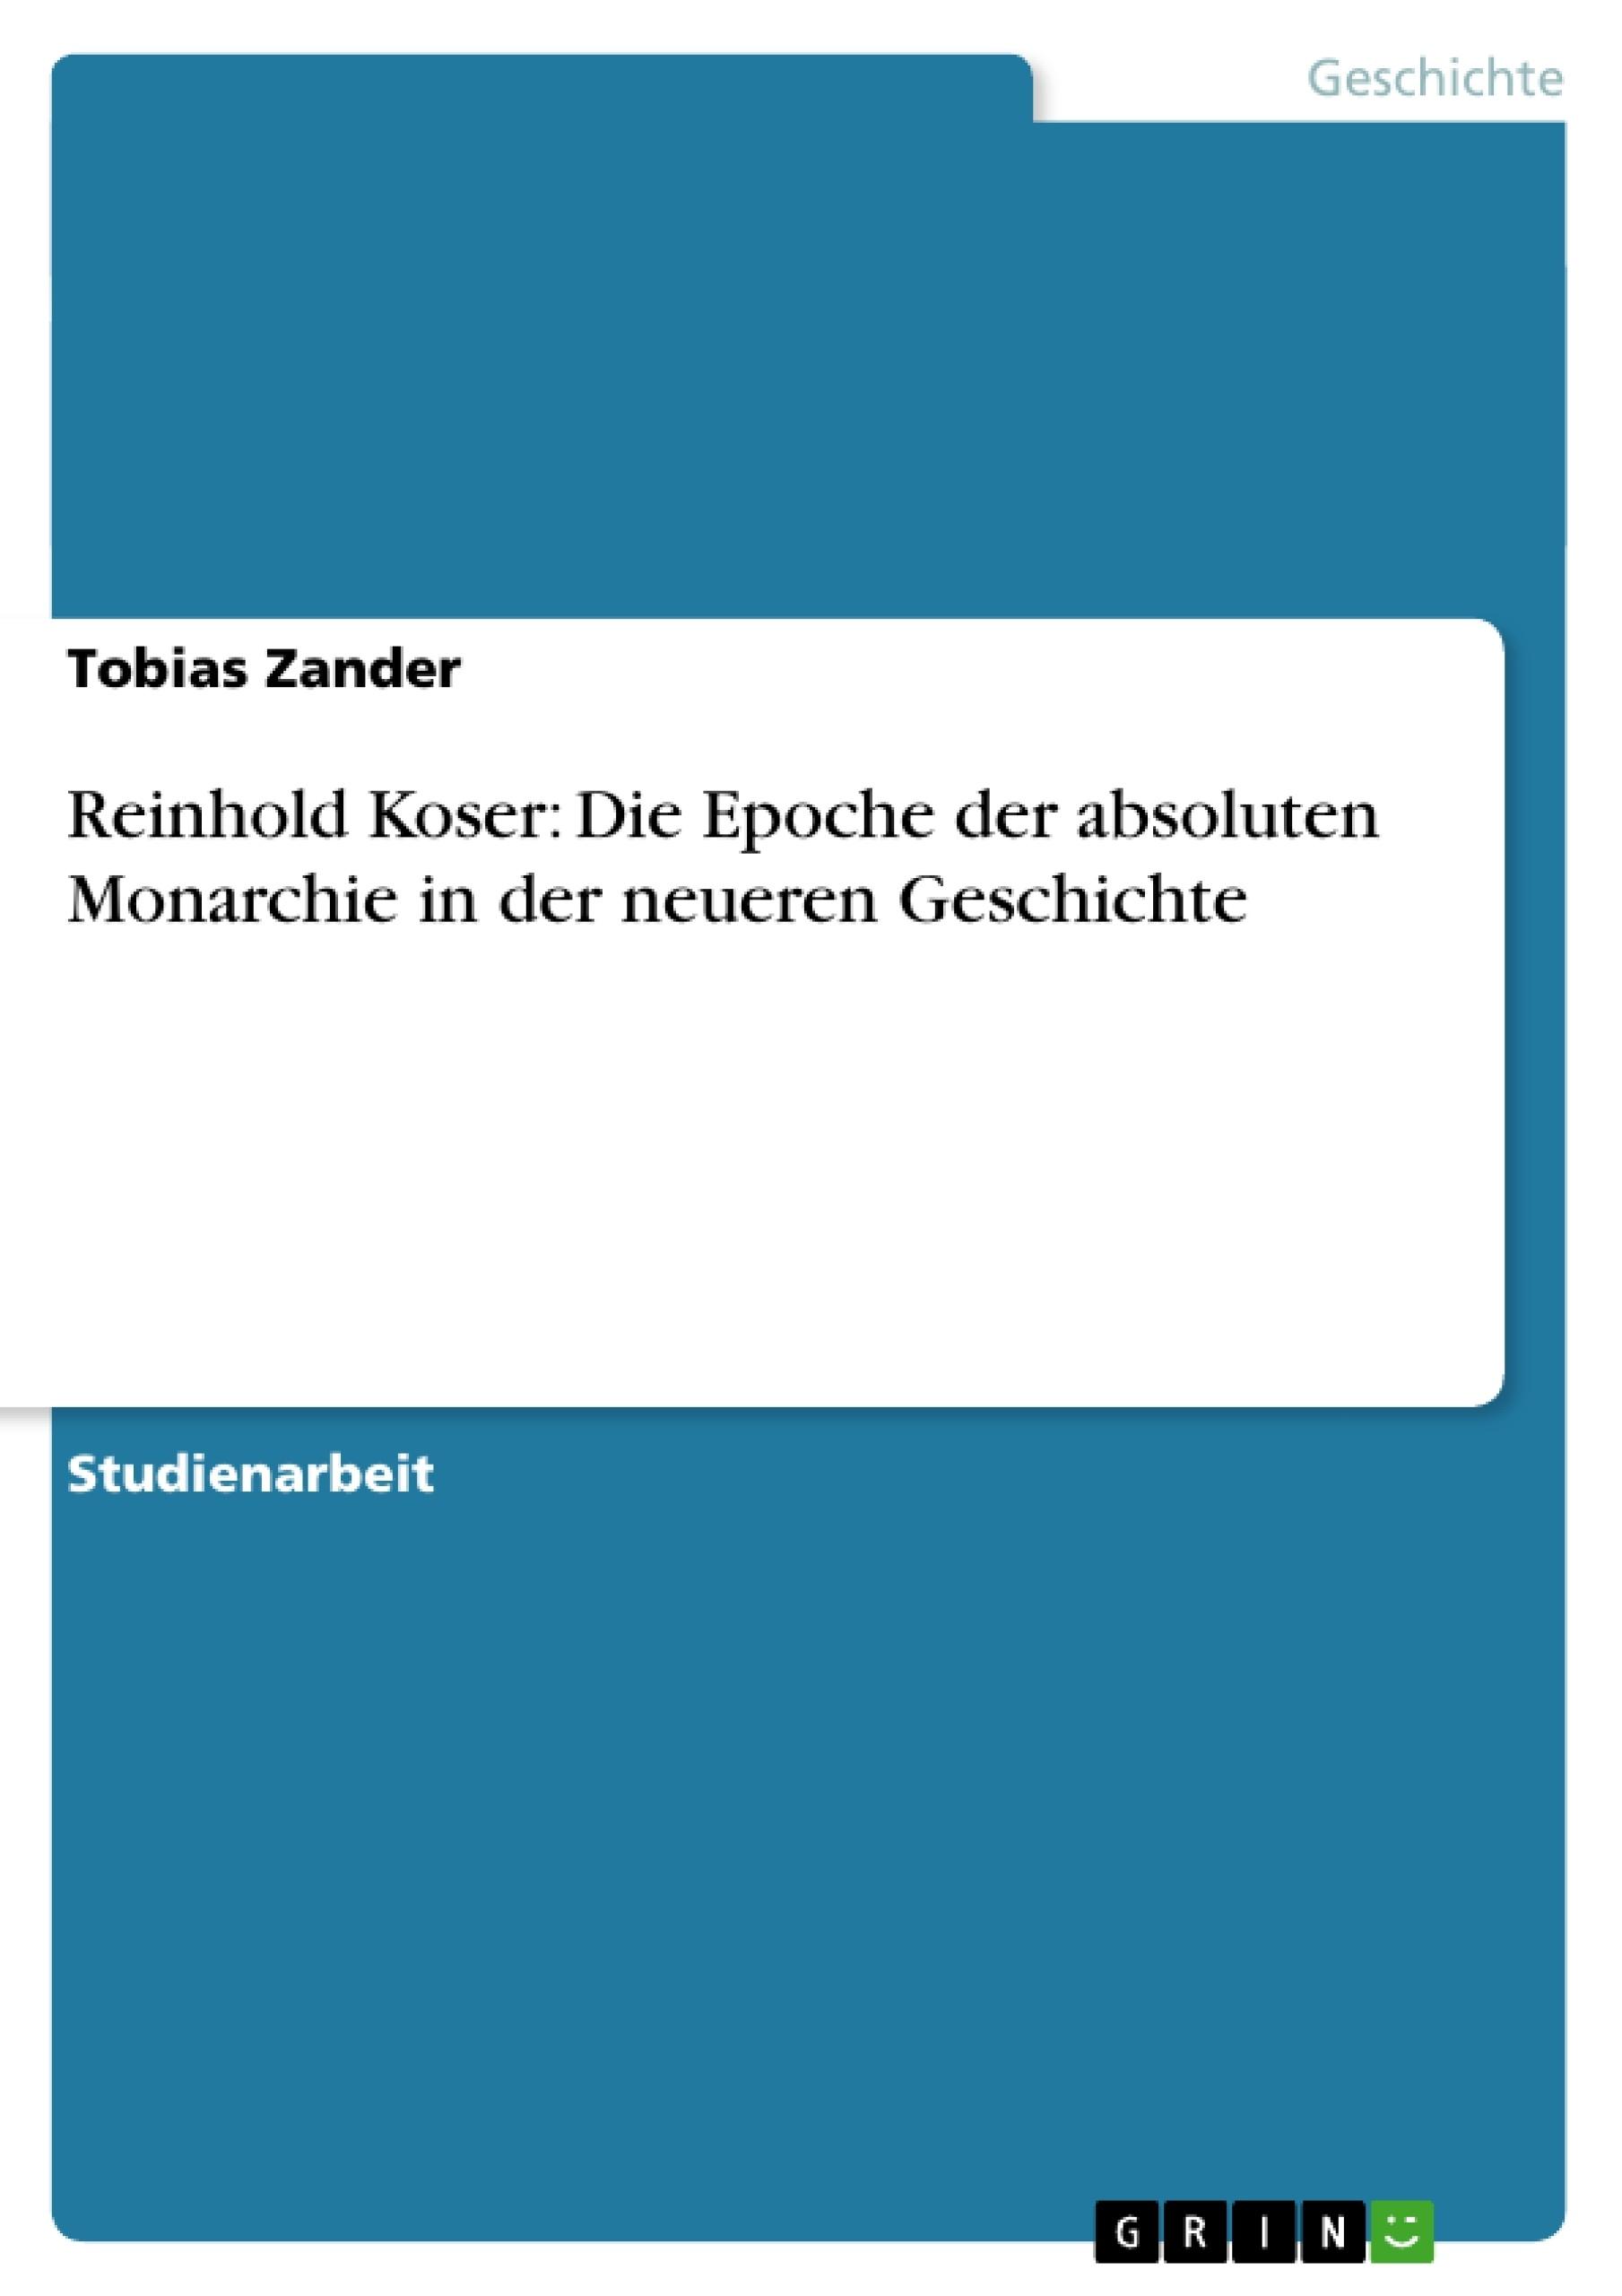 Titel: Reinhold Koser: Die Epoche der absoluten Monarchie in der neueren Geschichte